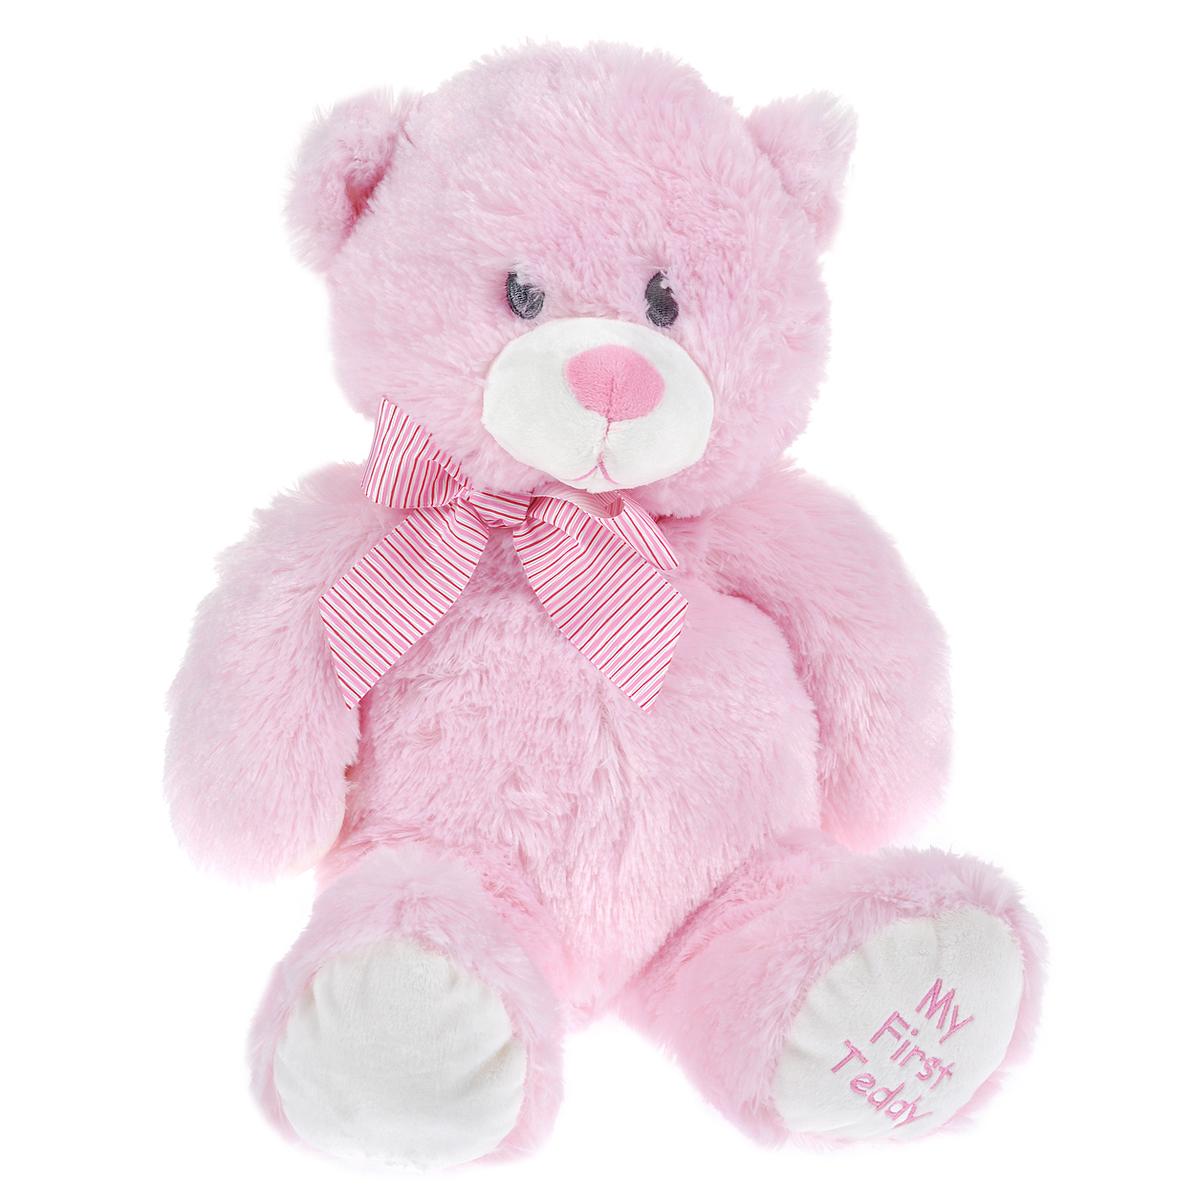 Beanie Boos Мягкая игрушка Медвежонок, цвет: розовый, 35 см53066Очаровательная мягкая игрушка The Classic Медвежонок, выполненная в виде медвежонка нежно-розового цвета с добрыми глазками вызовет умиление и улыбку у каждого, кто ее увидит. Медвежонок украшен большим бантом на шее, а на ножке имеется вышитая надпись My First Teddy. Удивительно мягкая игрушка принесет радость и подарит своему обладателю мгновения нежных объятий и приятных воспоминаний. Специальные гранулы, используемые при ее набивке, способствуют развитию мелкой моторики рук малыша. В качестве набивки используется синтепон. Великолепное качество исполнения делают эту игрушку чудесным подарком к любому празднику.